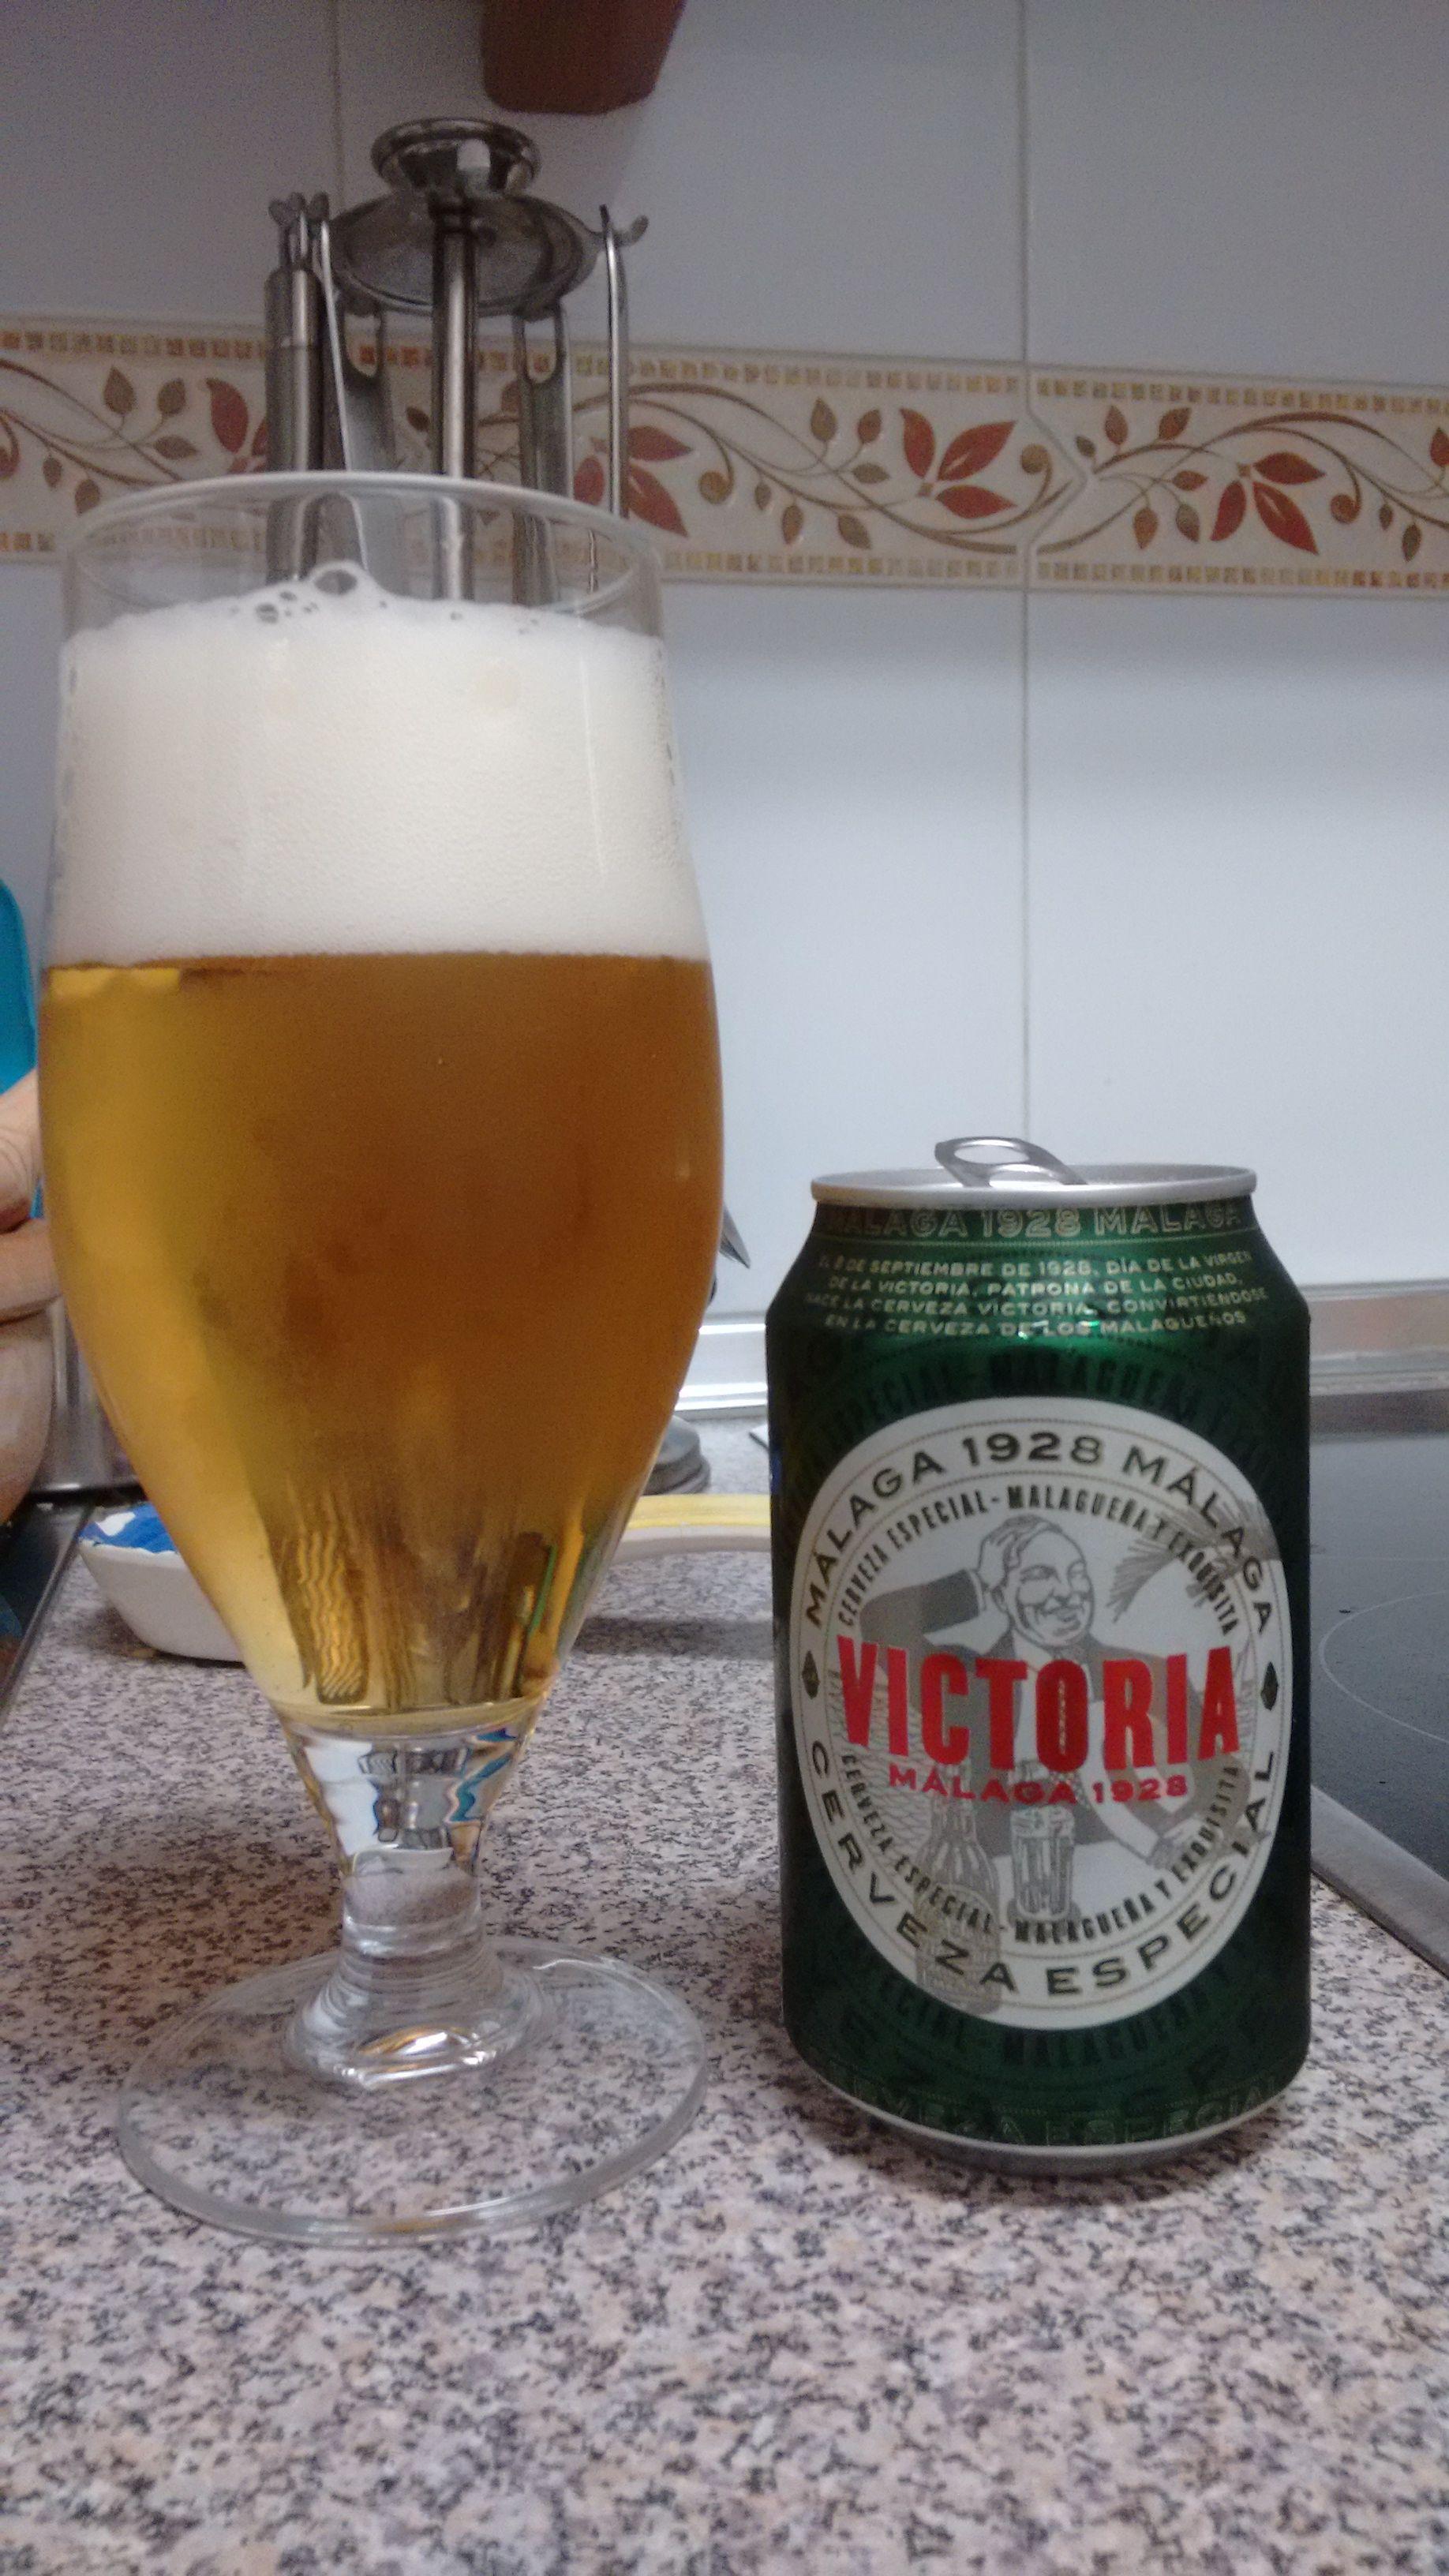 Cerveza Victoria Malaga 1928 Dorada Y Brillante Espuma Blanca Y